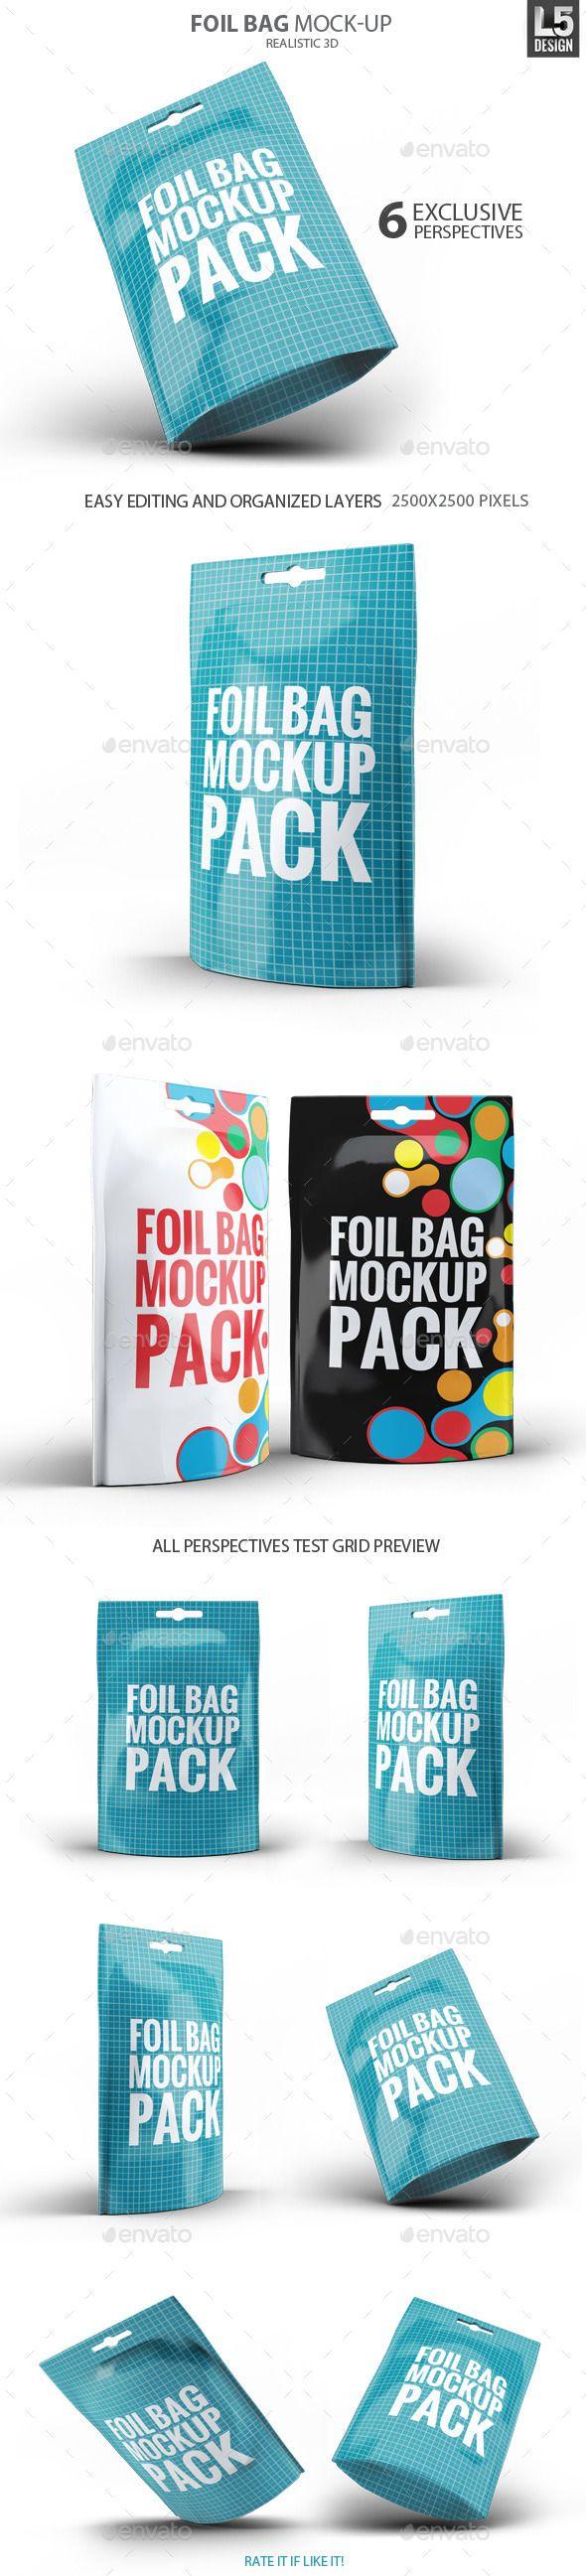 Download Foil Bag Pack Mock Up Packaging Mockup Mockup Design Freebie